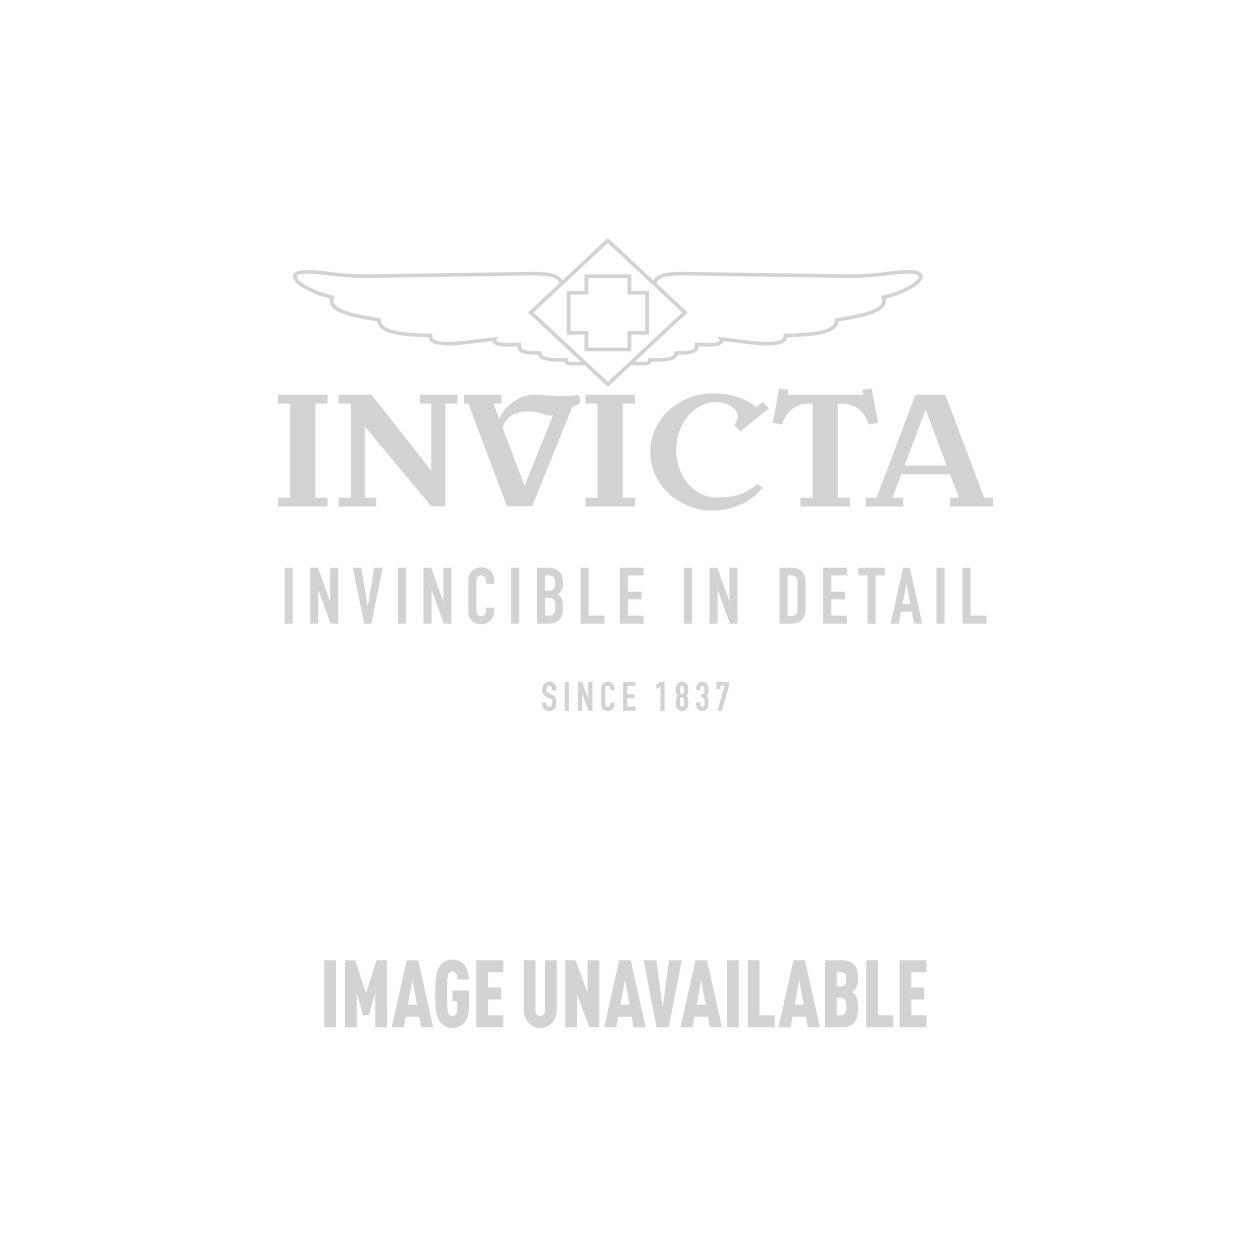 Invicta Model 25493